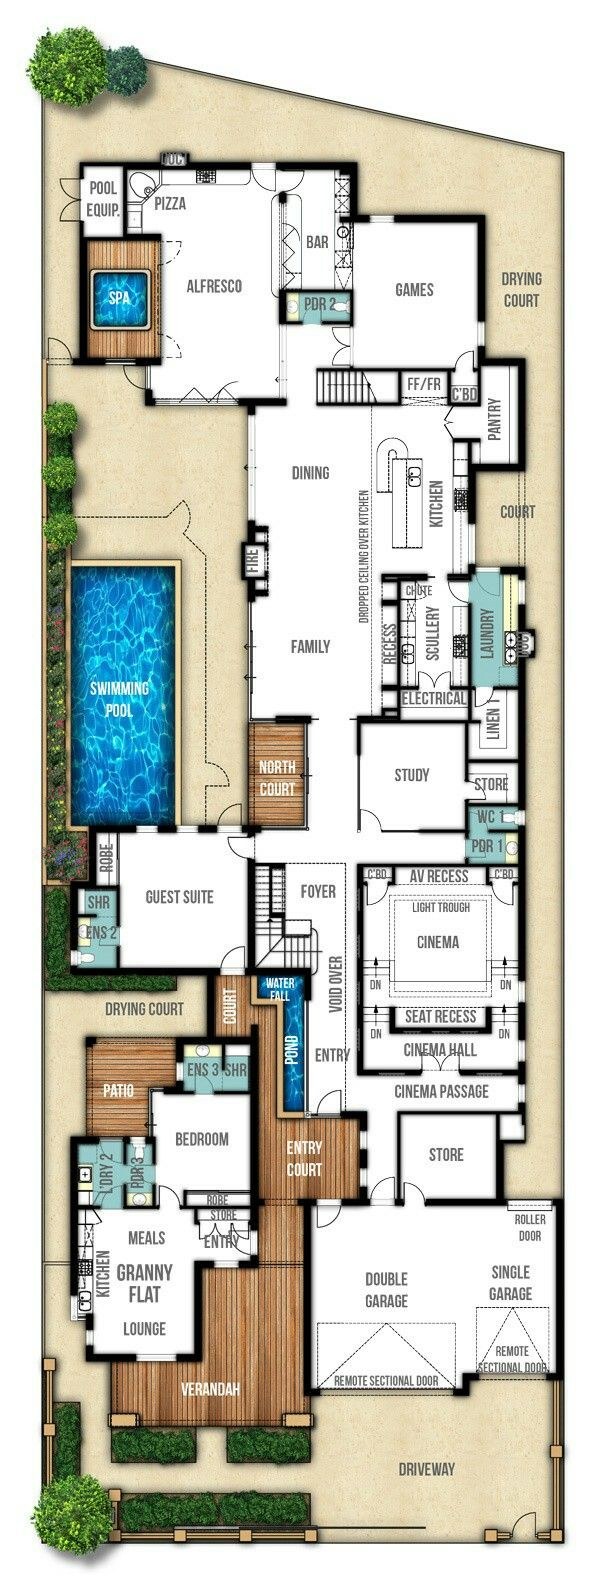 Grundrisse haus pläne zweistöckige häuser erdgeschoss offene haus design grundrisse wohnungen wald